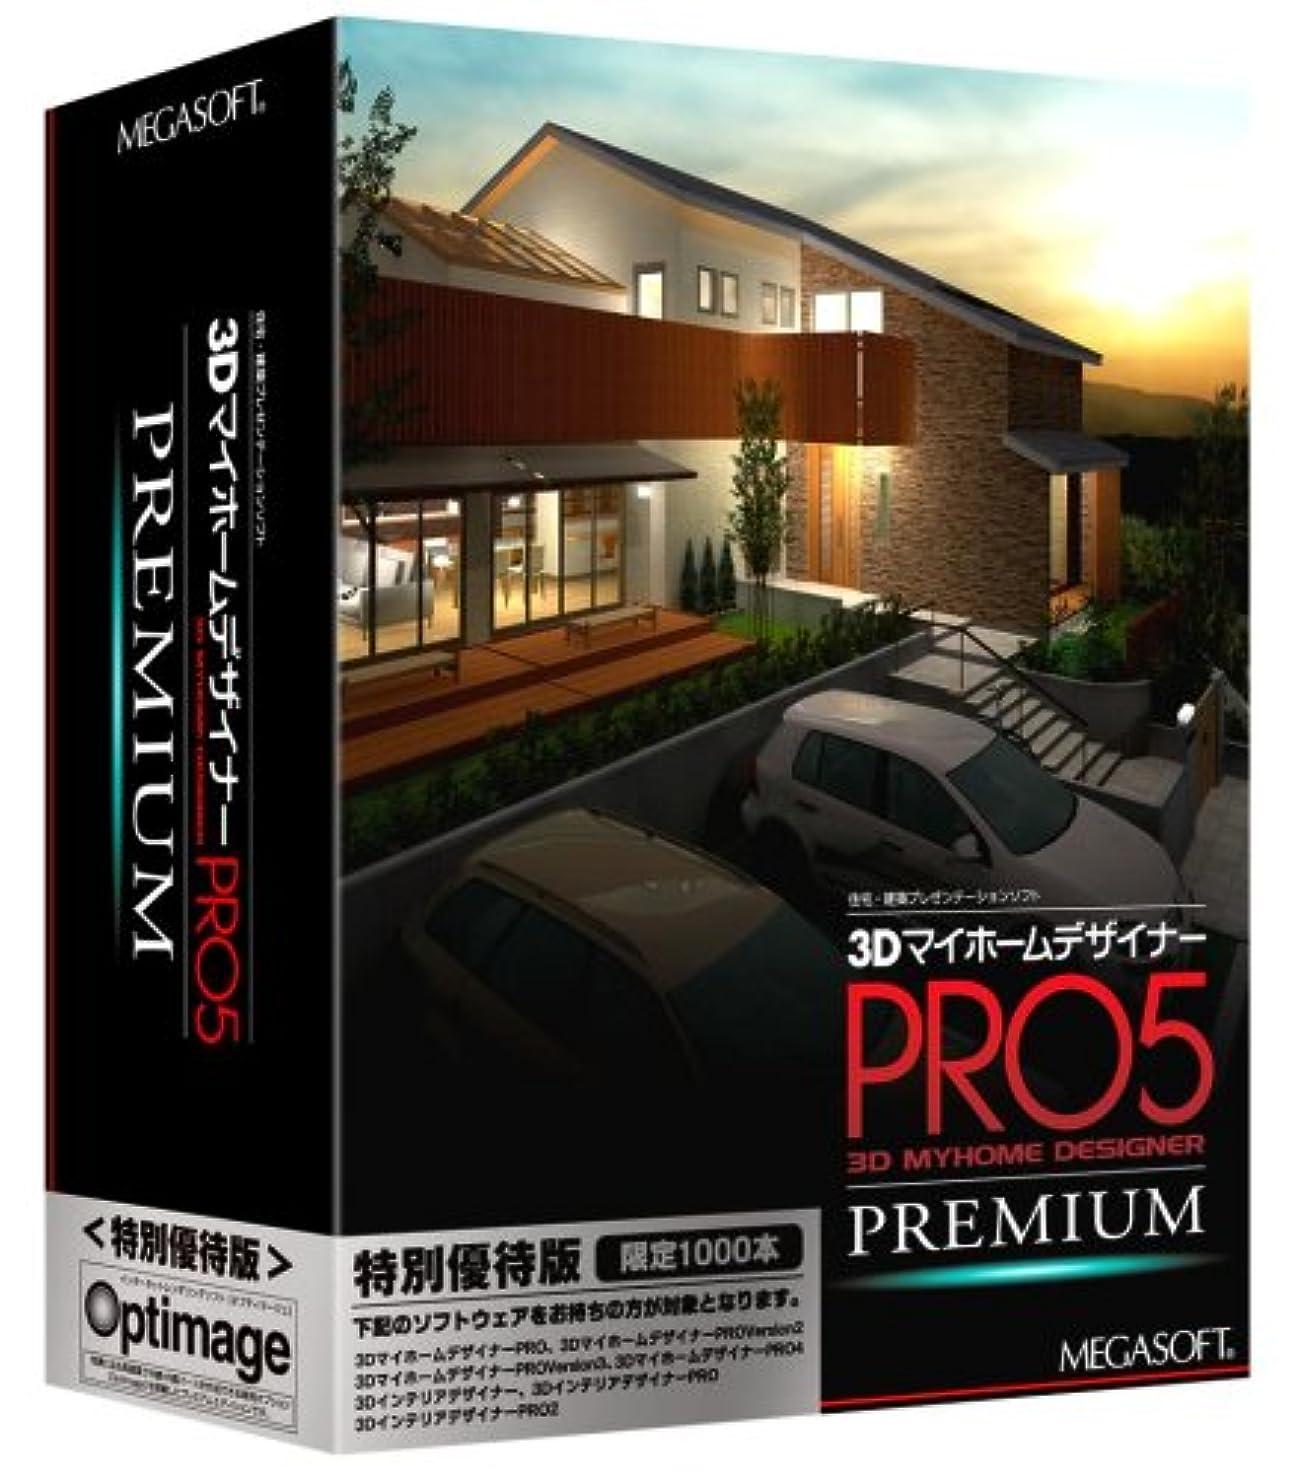 サロン検出打ち上げる3DマイホームデザイナーPRO5 PREMIUM 特別優待版